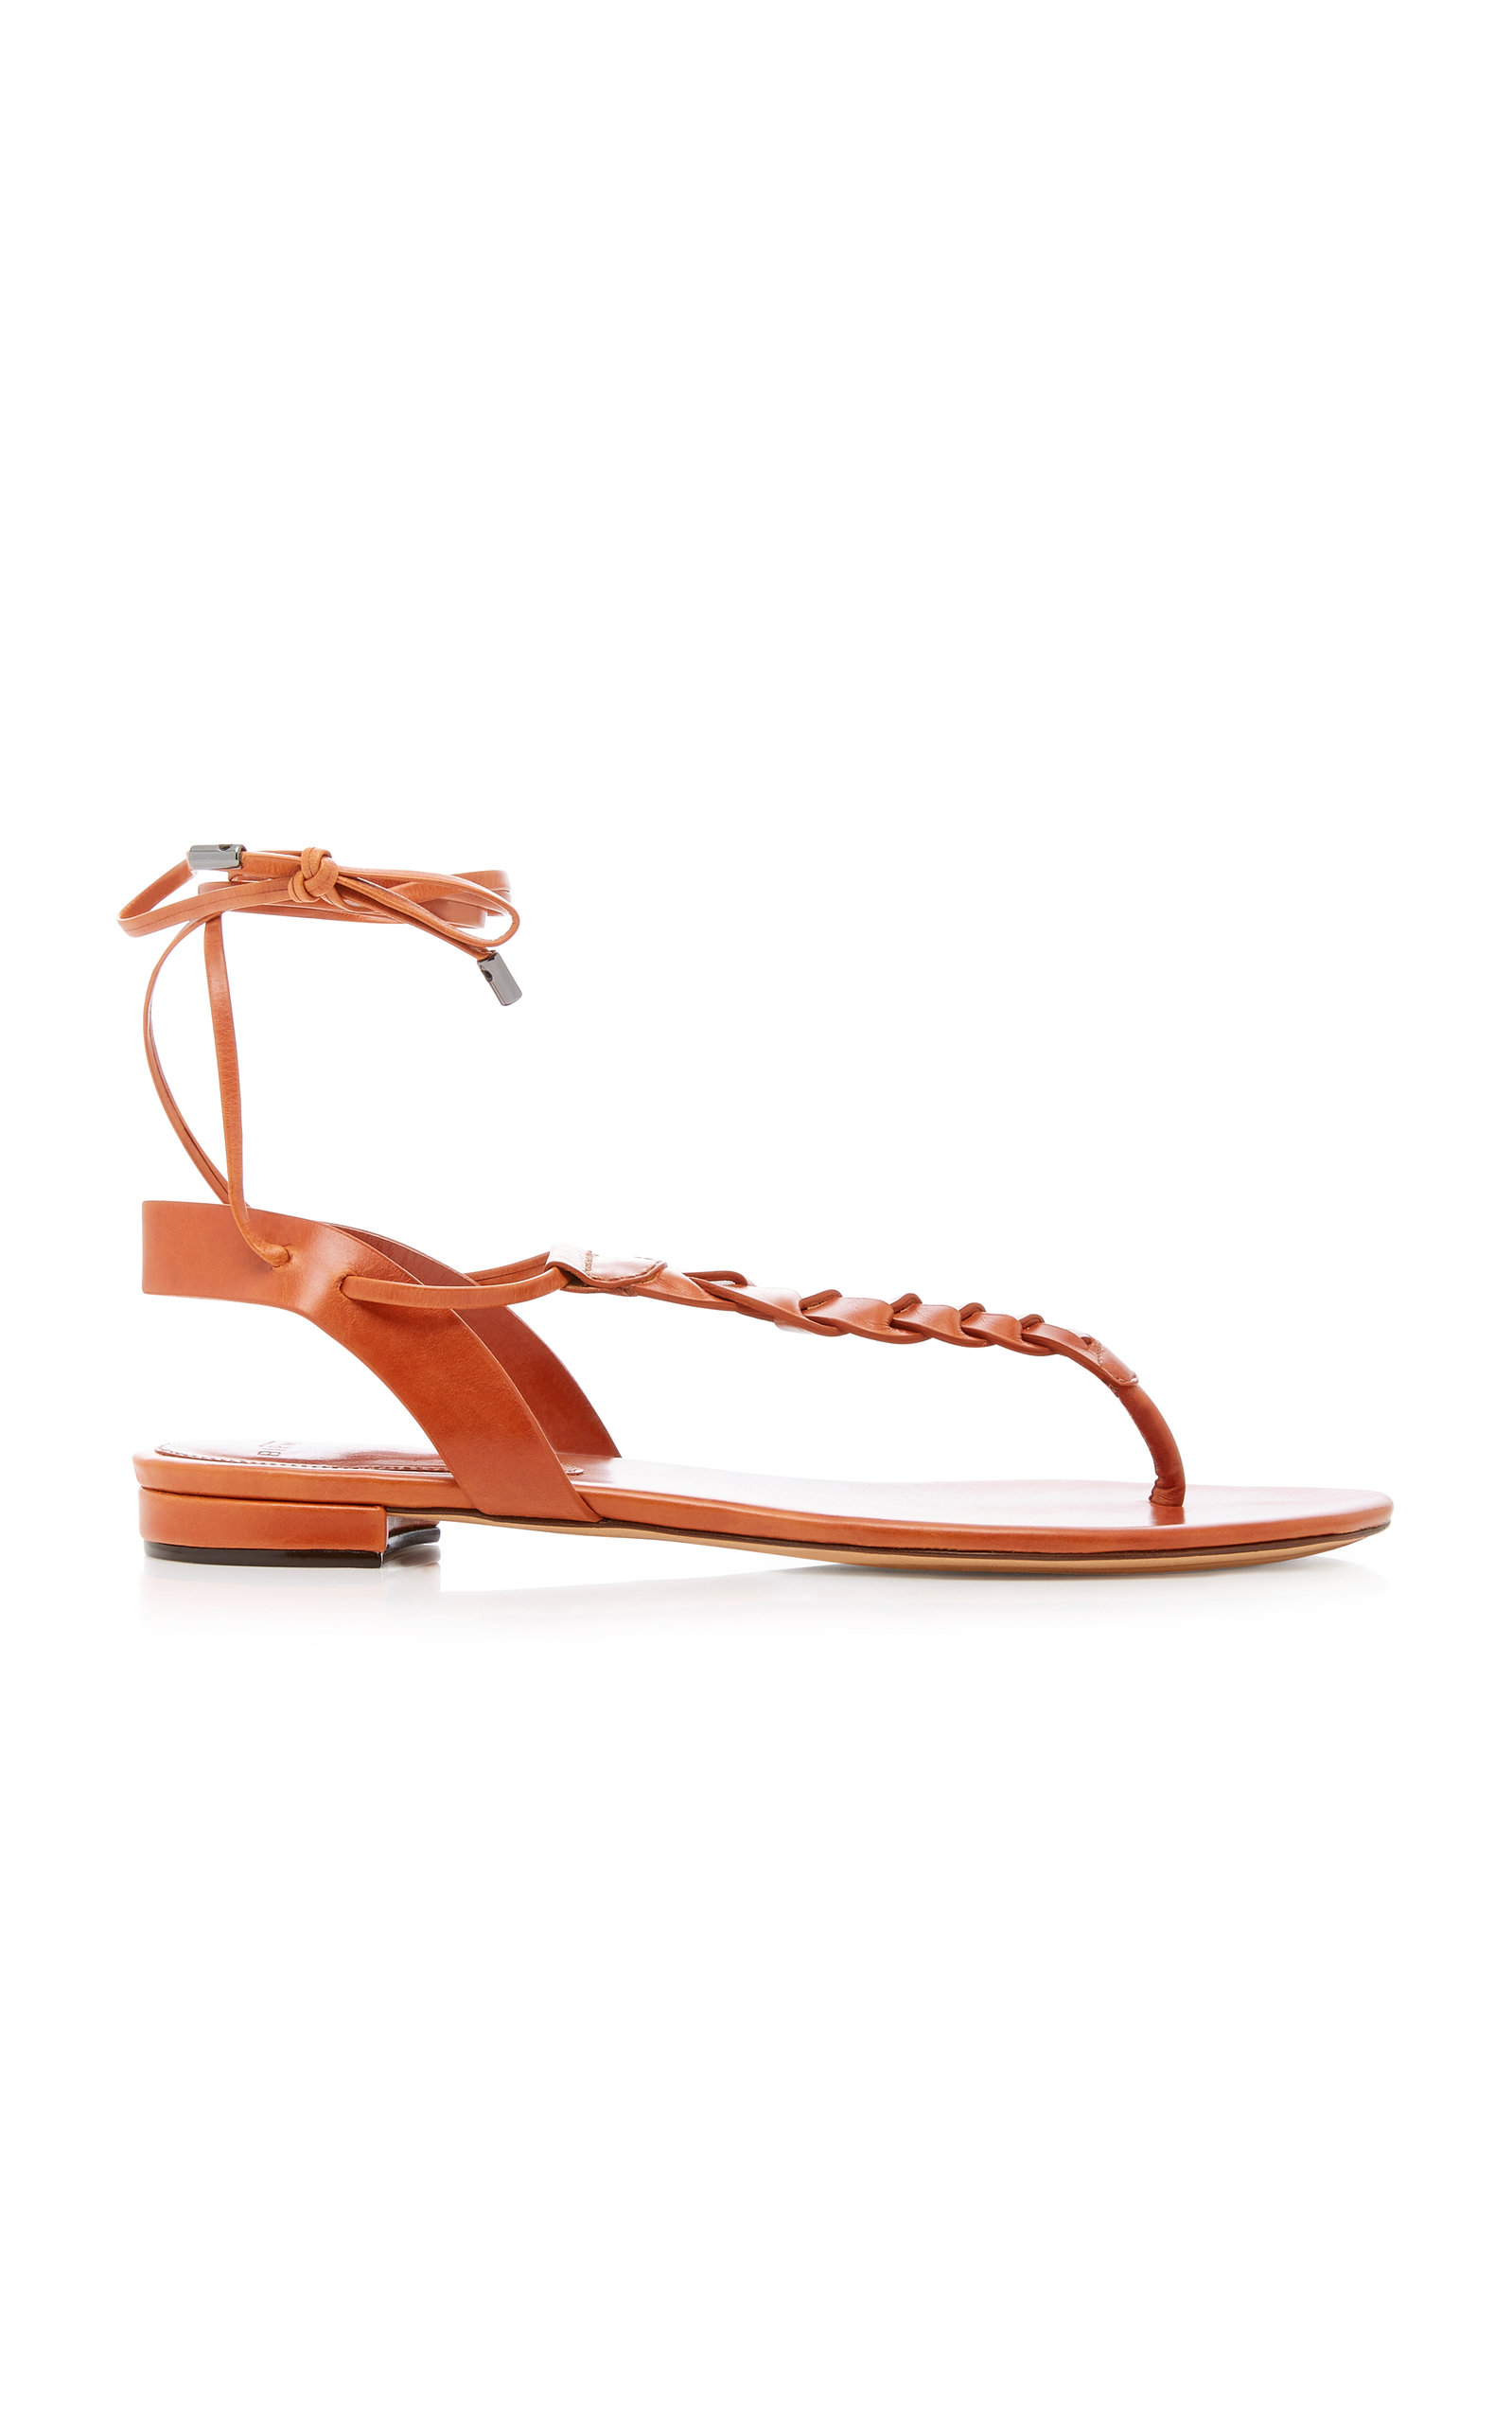 ALEXANDRE BIRMAN Abrielle Leather Lace-Up Sandals vSbCX